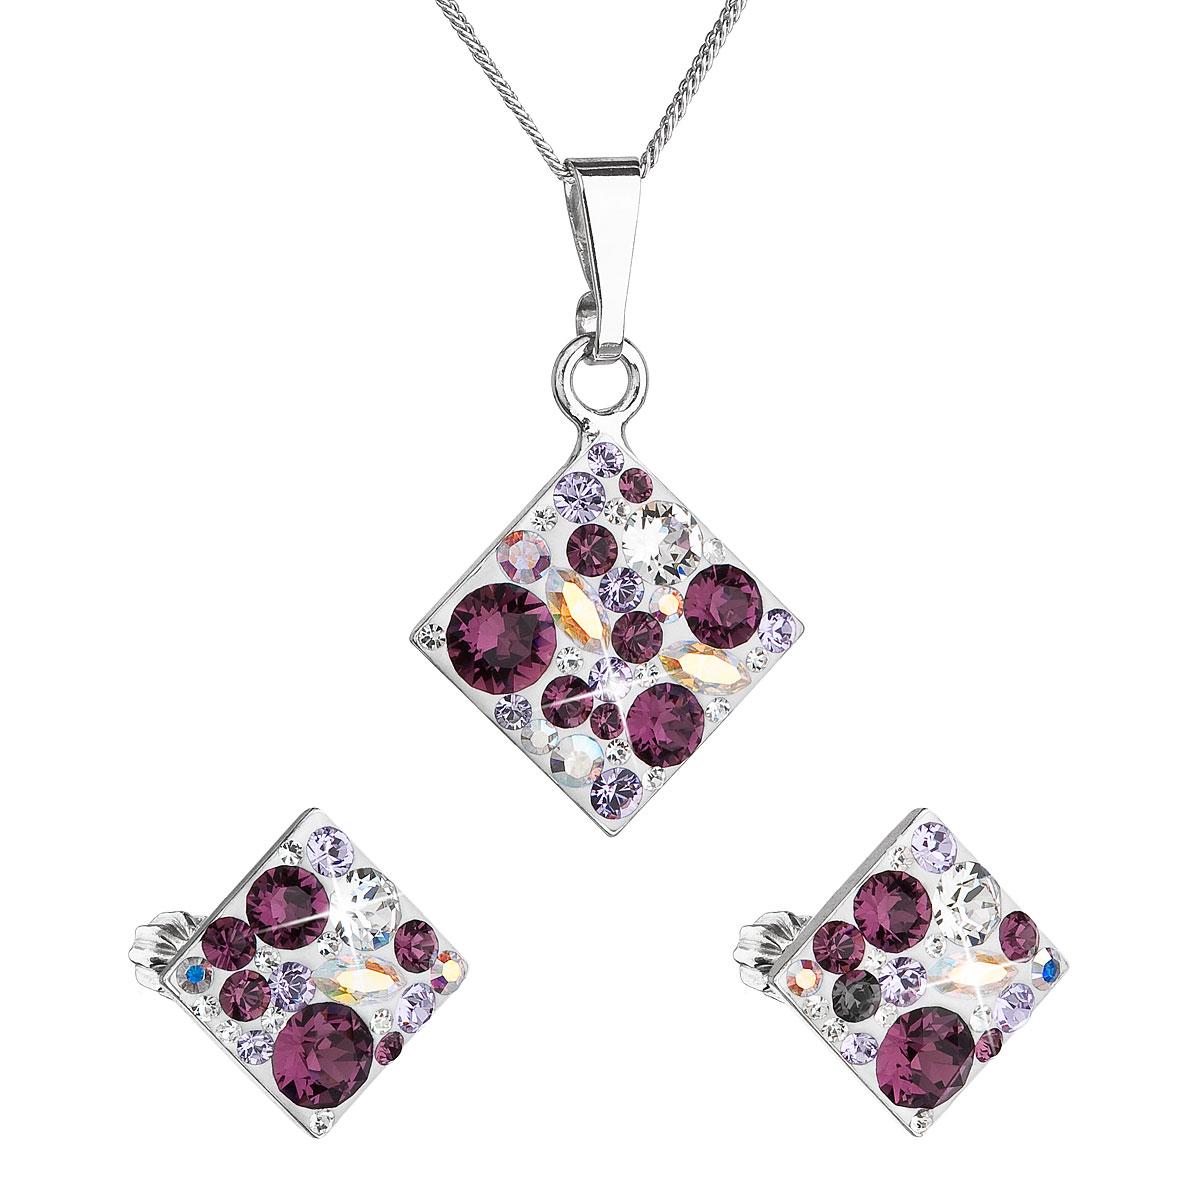 Sada šperkov s krištáľmi Swarovski náušnice, retiazka a prívesok fialový kosoštvorec 39126.3 amethyst